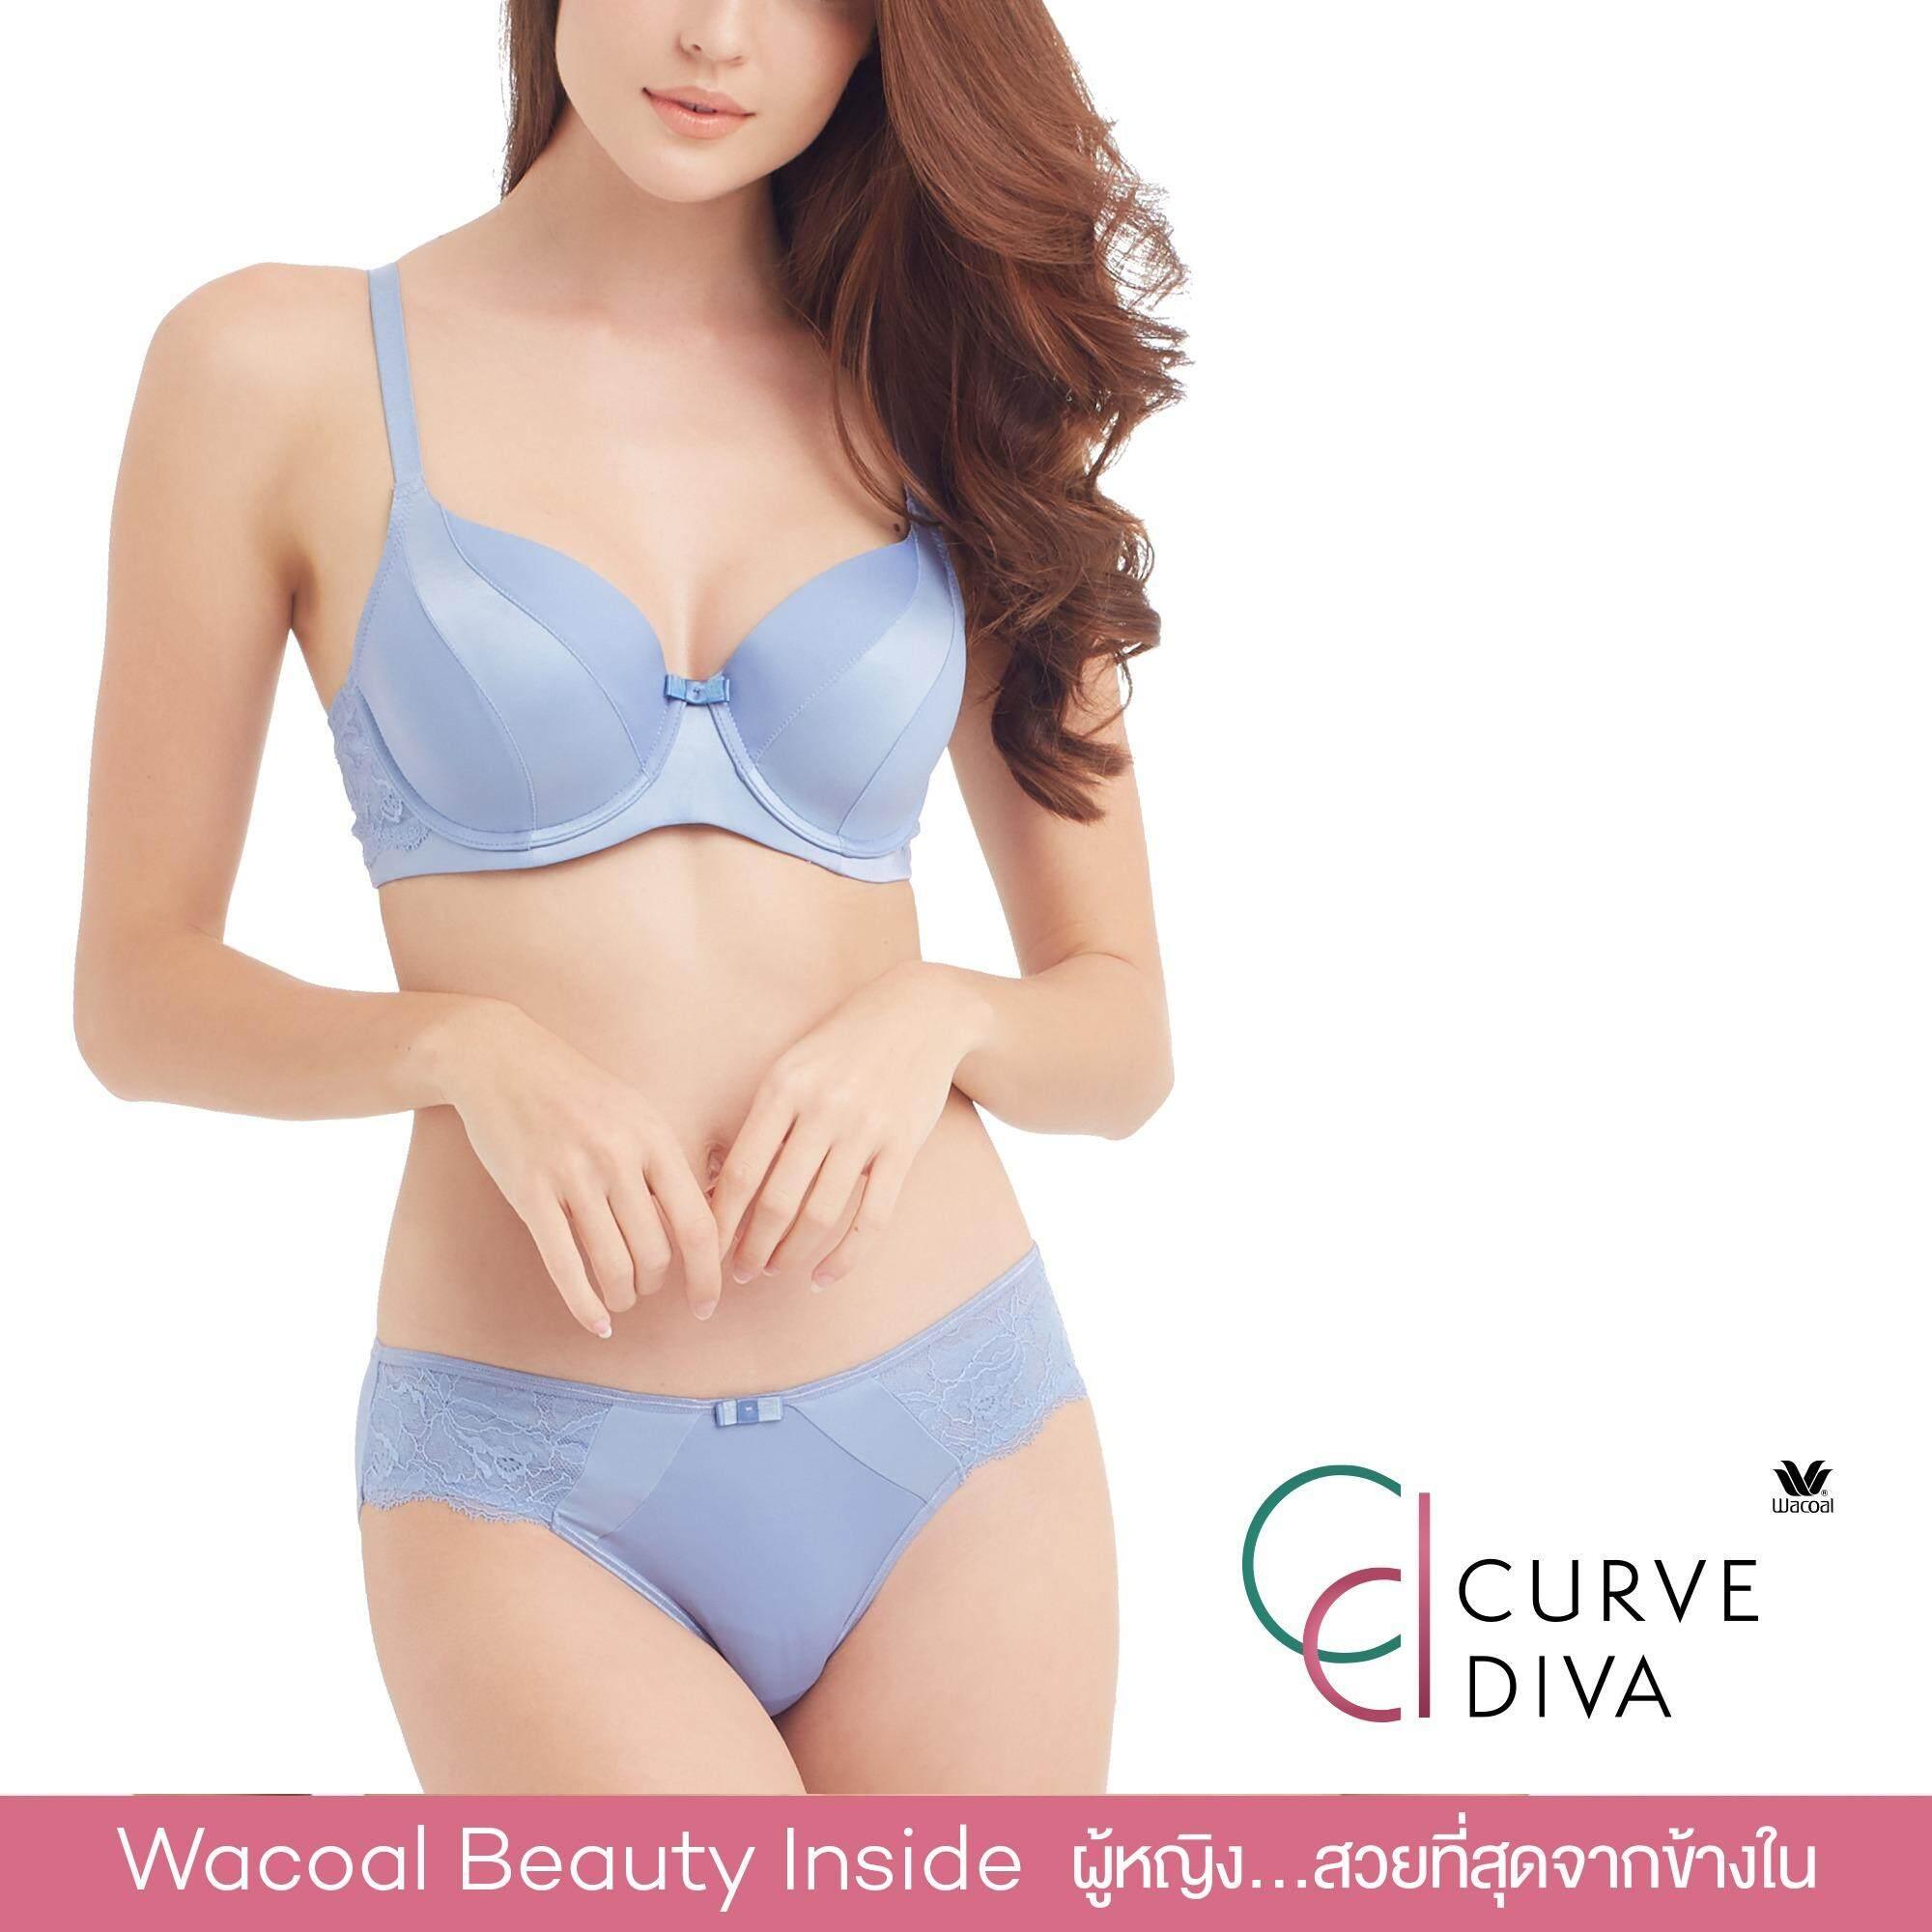 Wacoal Curve Diva เซ็ทชุดชั้นในกางเกงชั้นใน Seamless bra 4/5 Cup (สีเทาออกน้ำเงิน/NAVY GREY) - WB7942NG-W67942NG